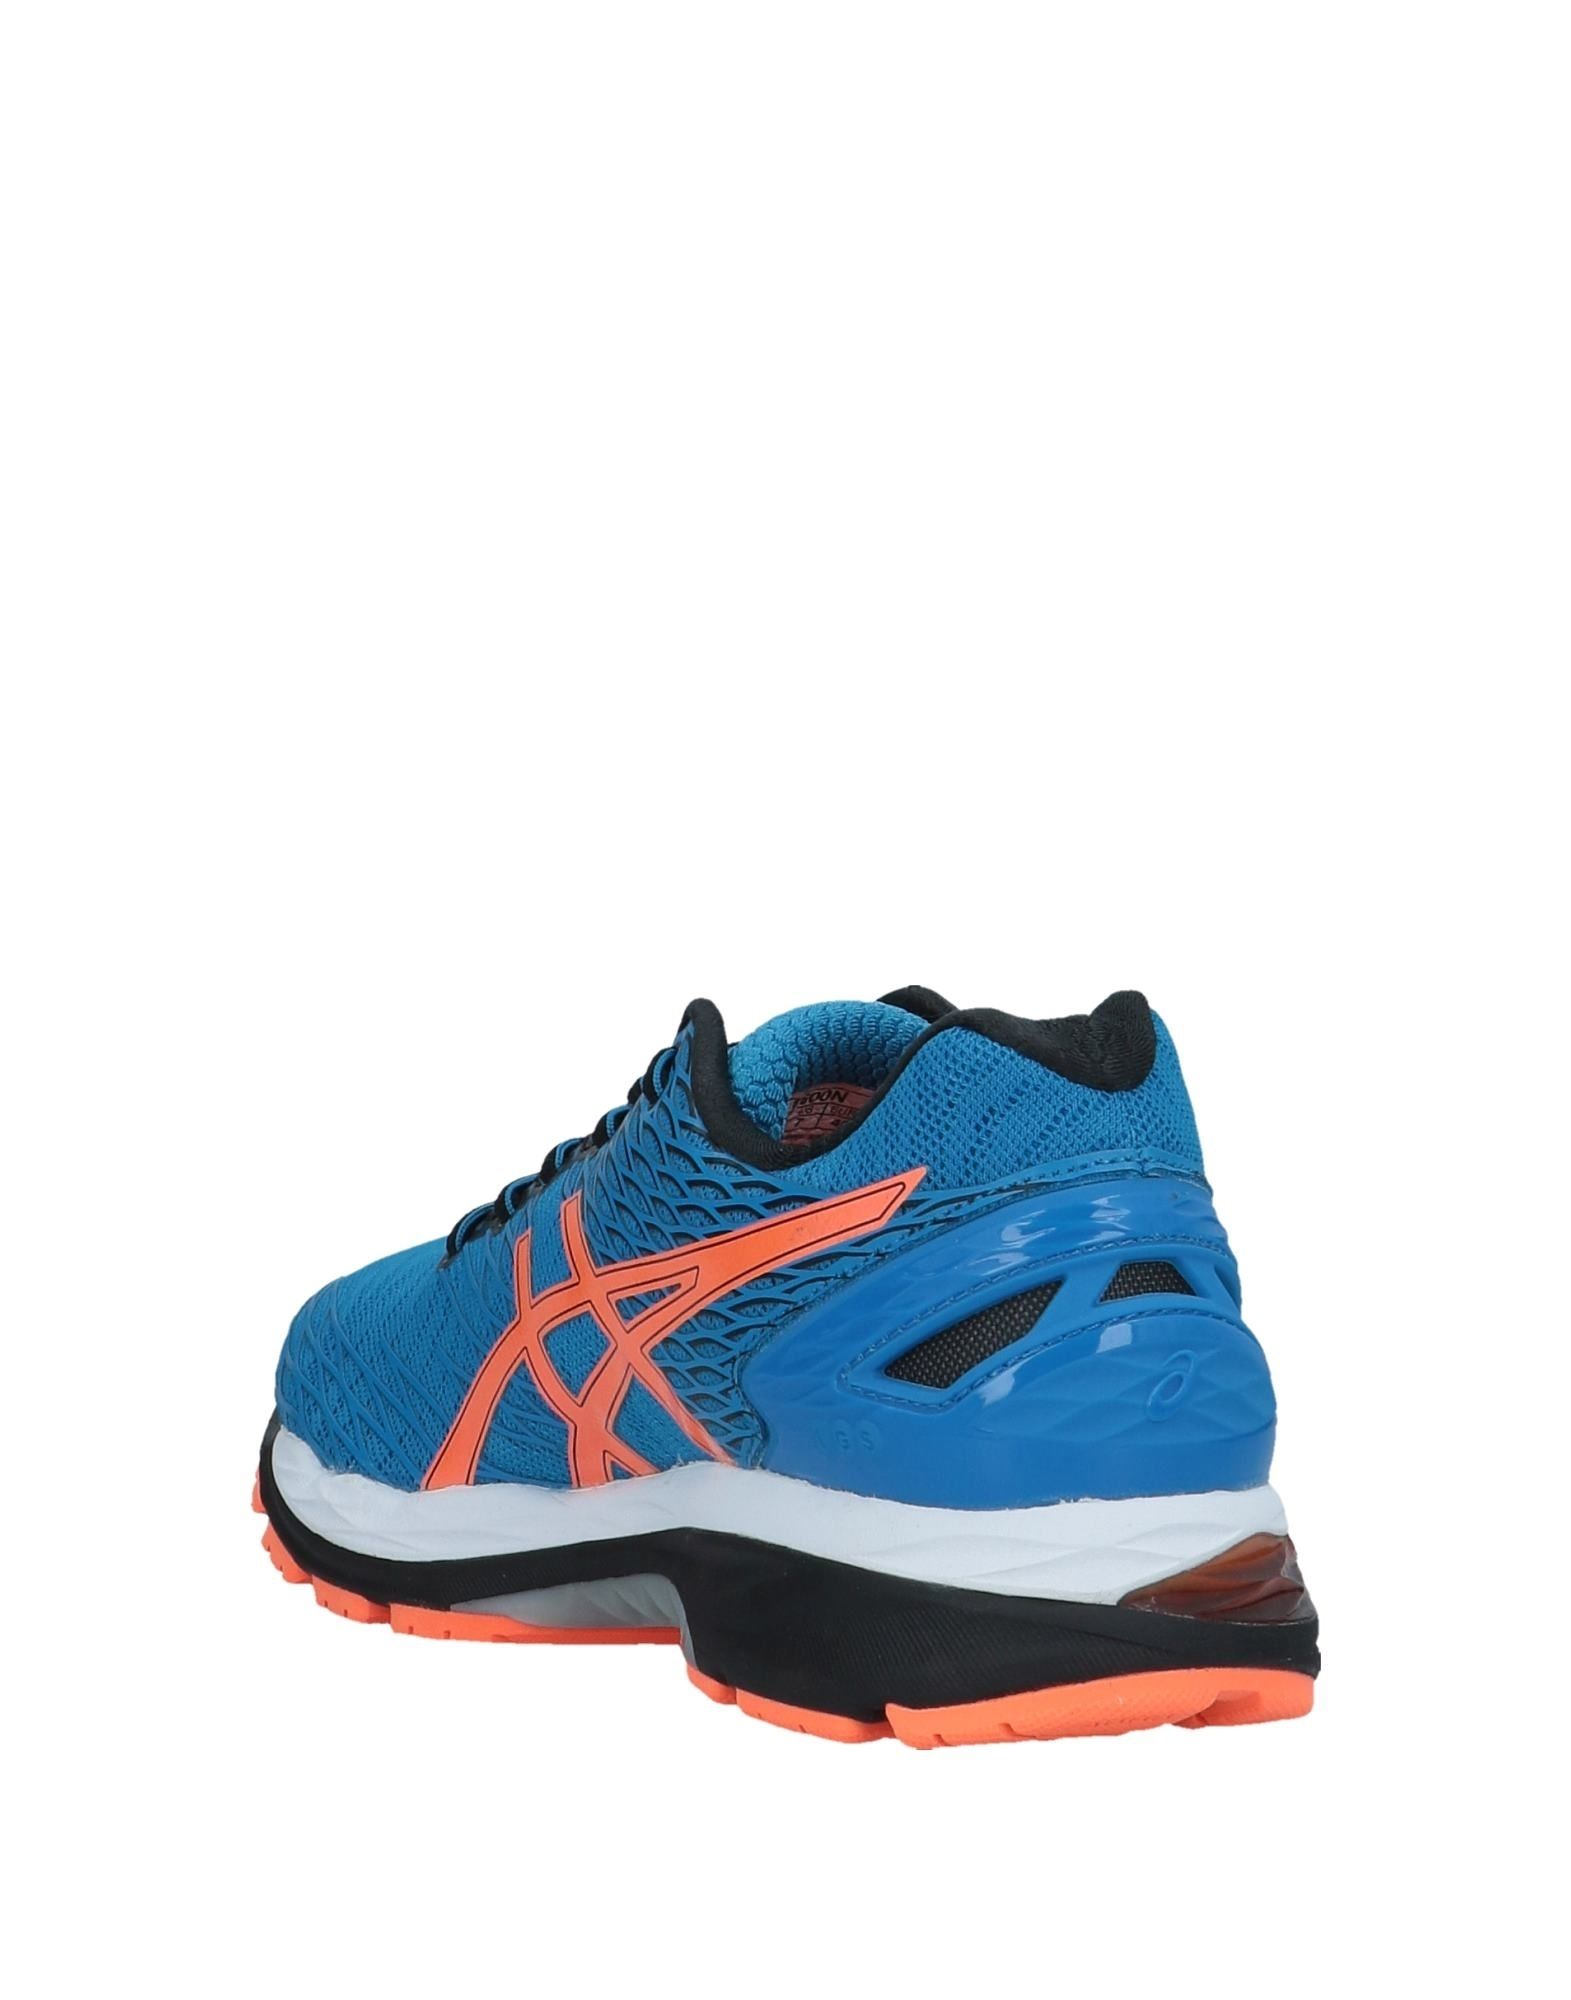 Rabatt echte Schuhe Herren Asics Sneakers Herren Schuhe  11405478GS 34032e